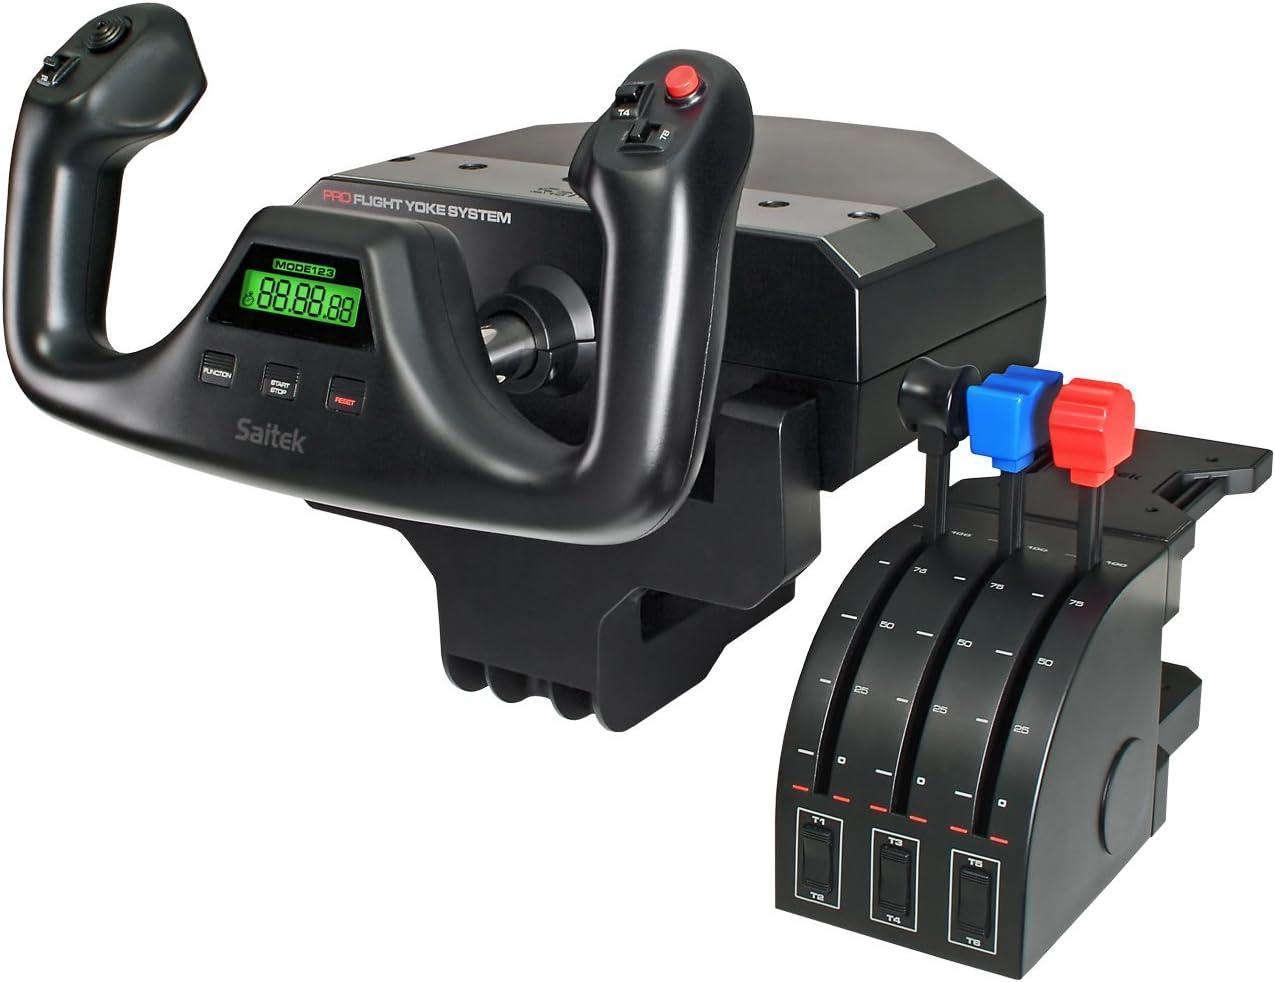 Saitek Pro Flight Yoke System - Sistema de control para simuladores de vuelo en PC - Joystick y Acelerador